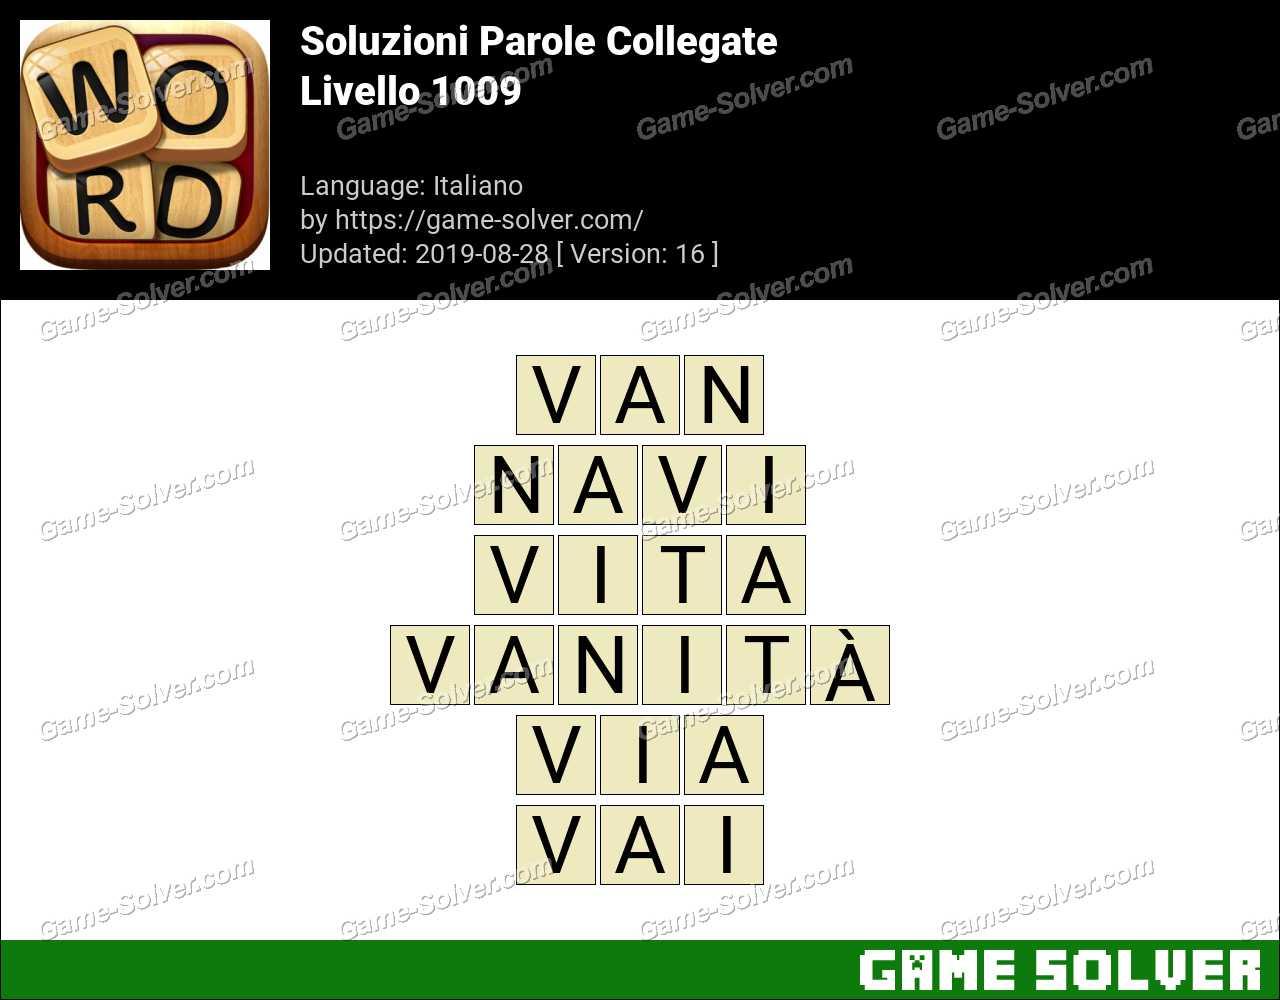 Soluzioni Parole Collegate Livello 1009